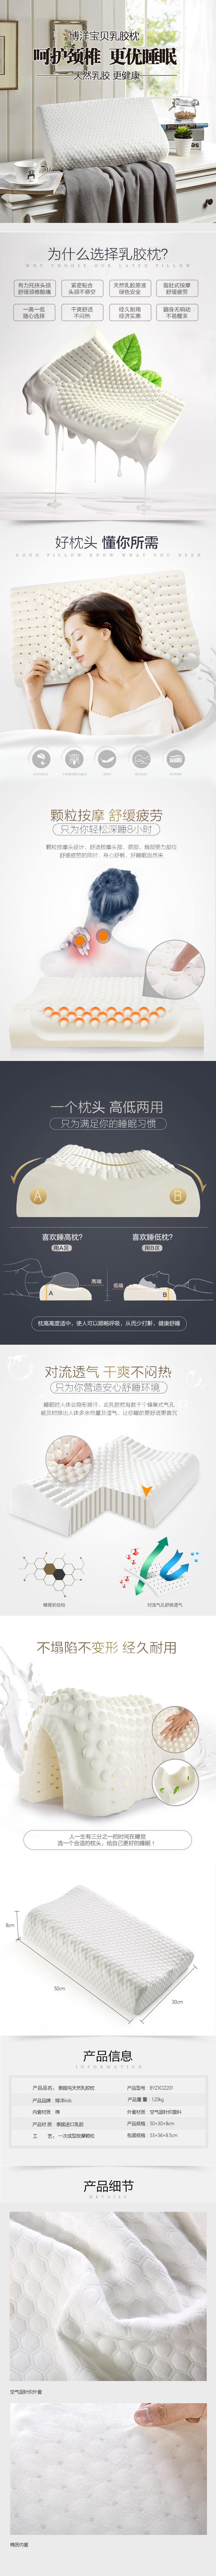 泰国纯天然乳胶枕750PX.jpg